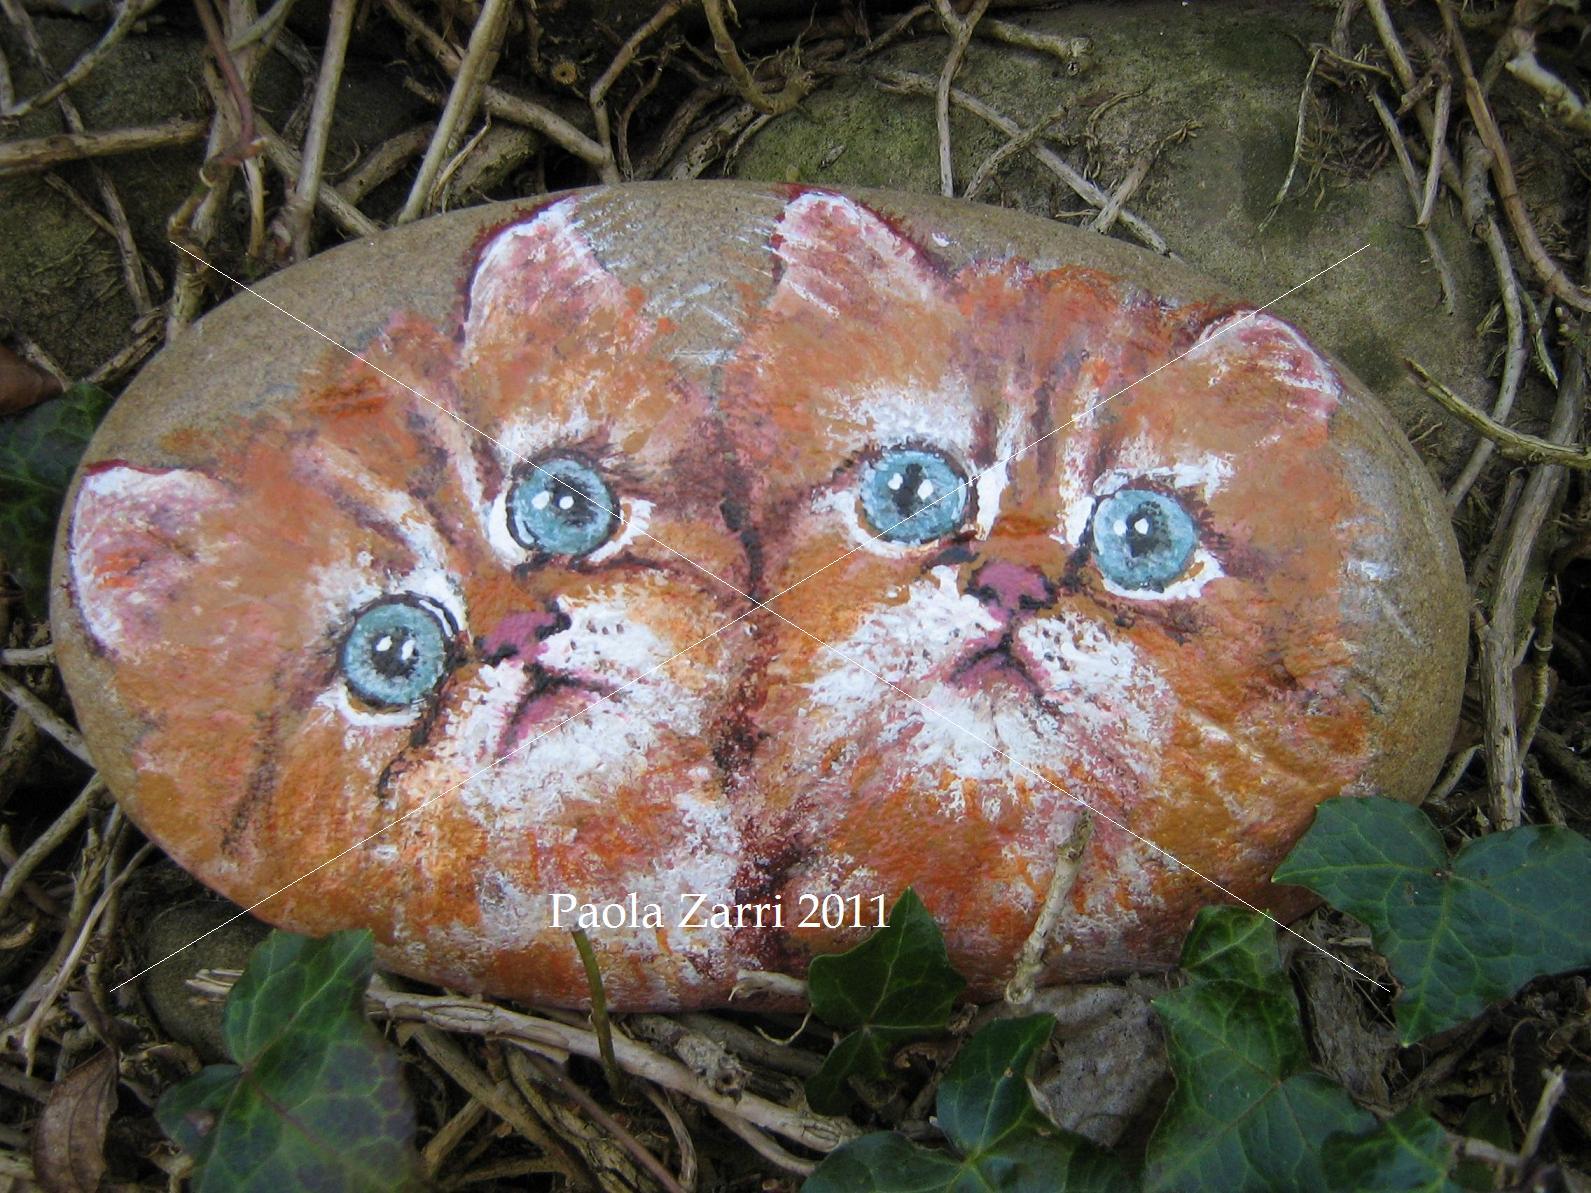 Pzcreazioni i sassi di paola animali 2011 gatti for Sassi per tartarughe